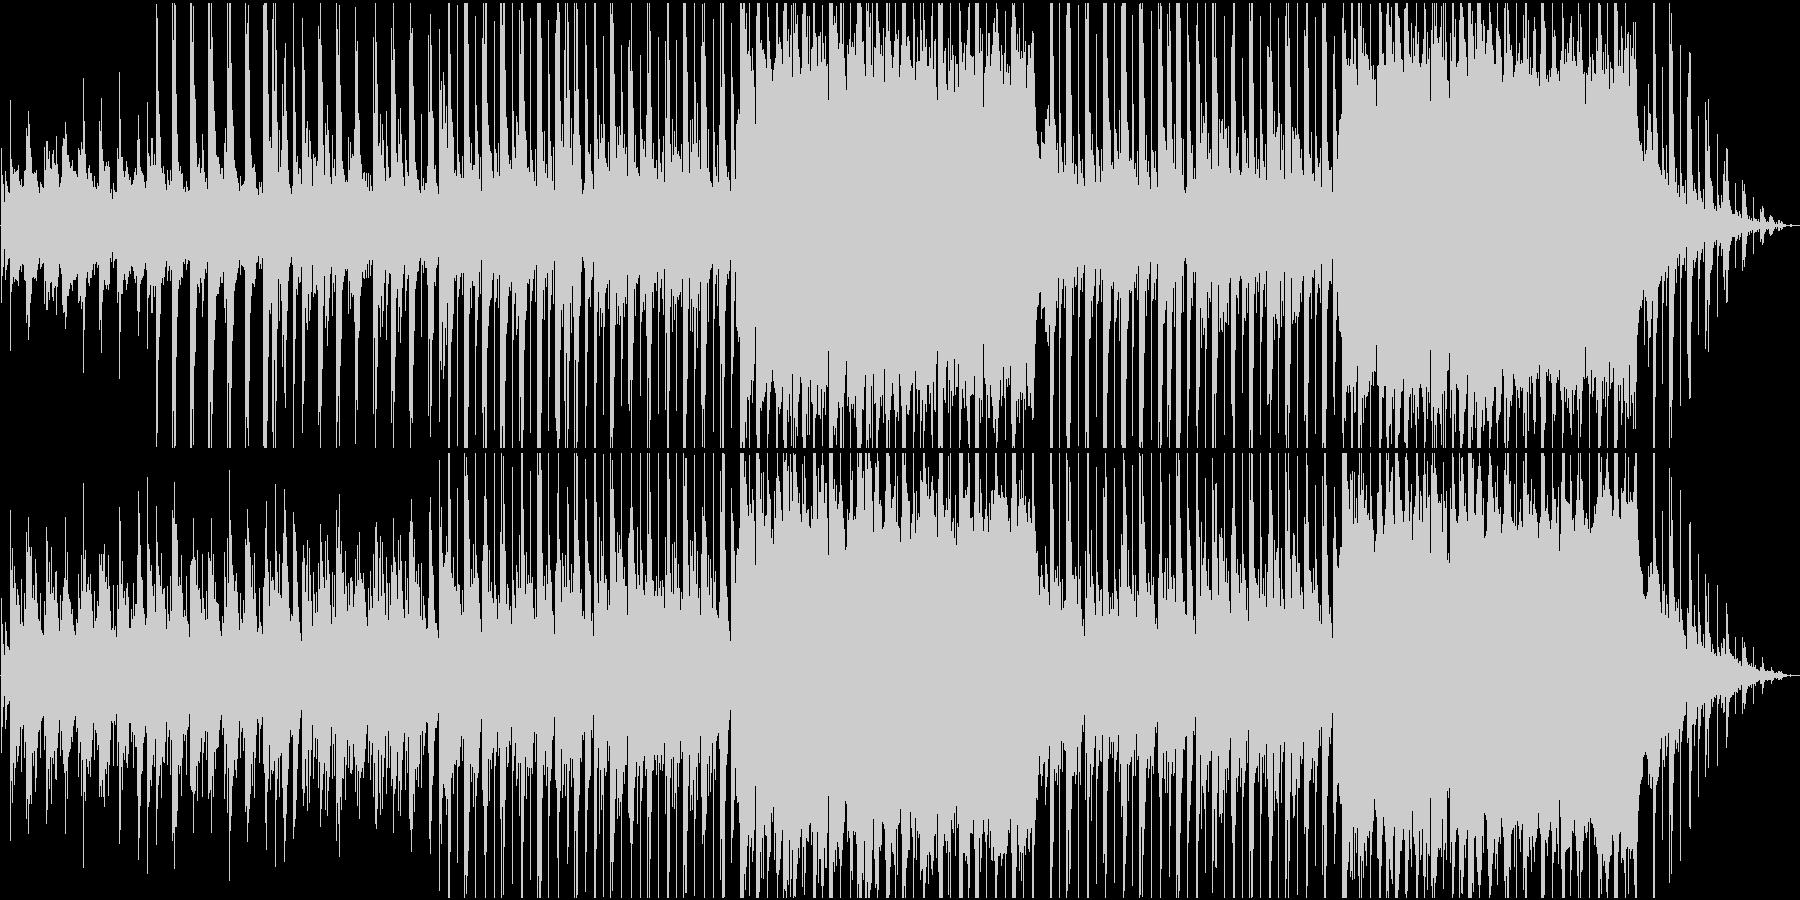 ピアノとバイオリンで奏でる癒し系の曲の未再生の波形